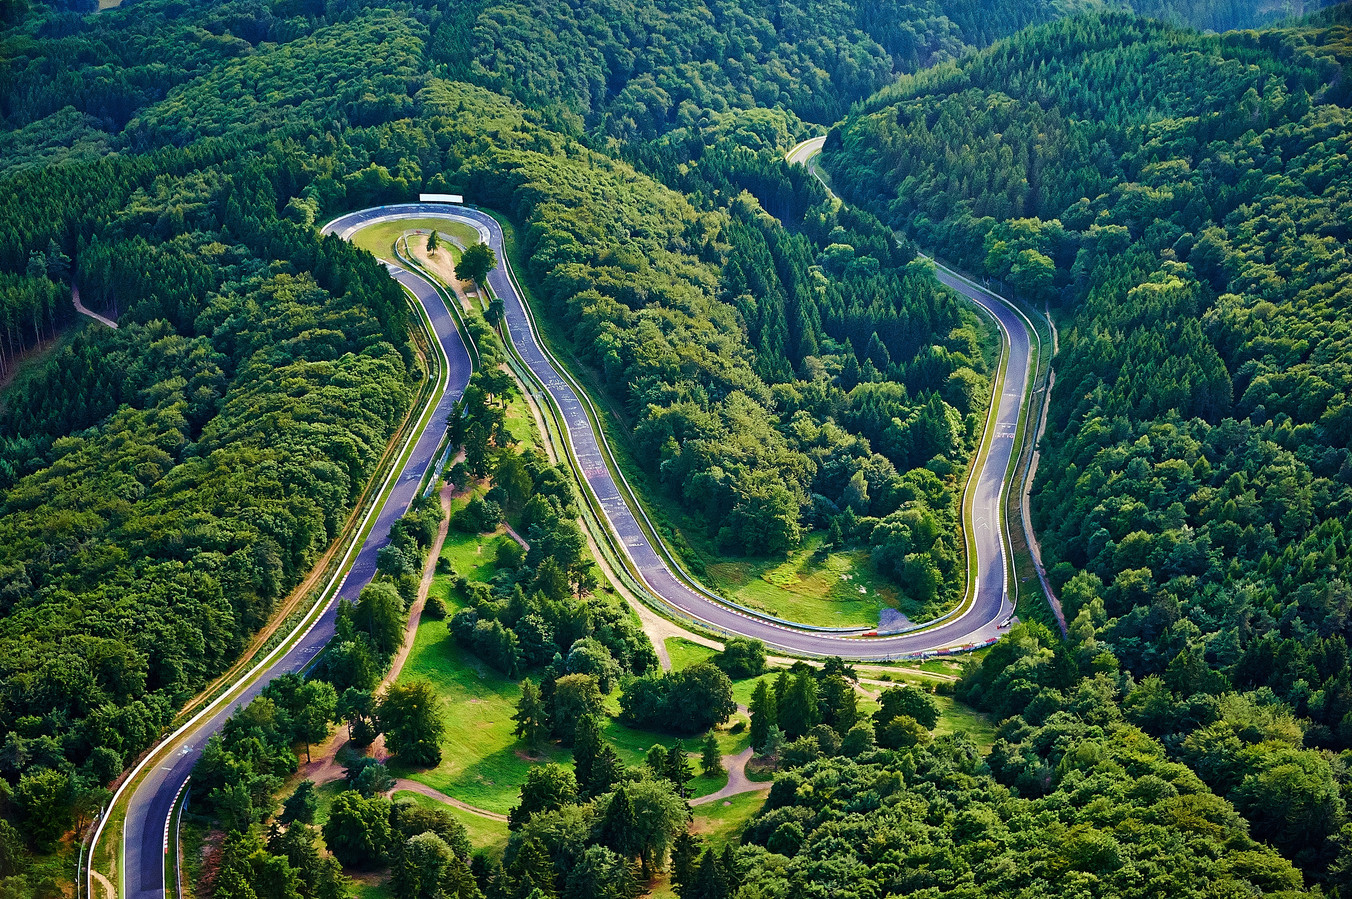 De Nürburgring is het gevaarlijkste stuk asfalt van Europa, met zijn vele bochten, hoogteverschillen en korte uitloopstroken.